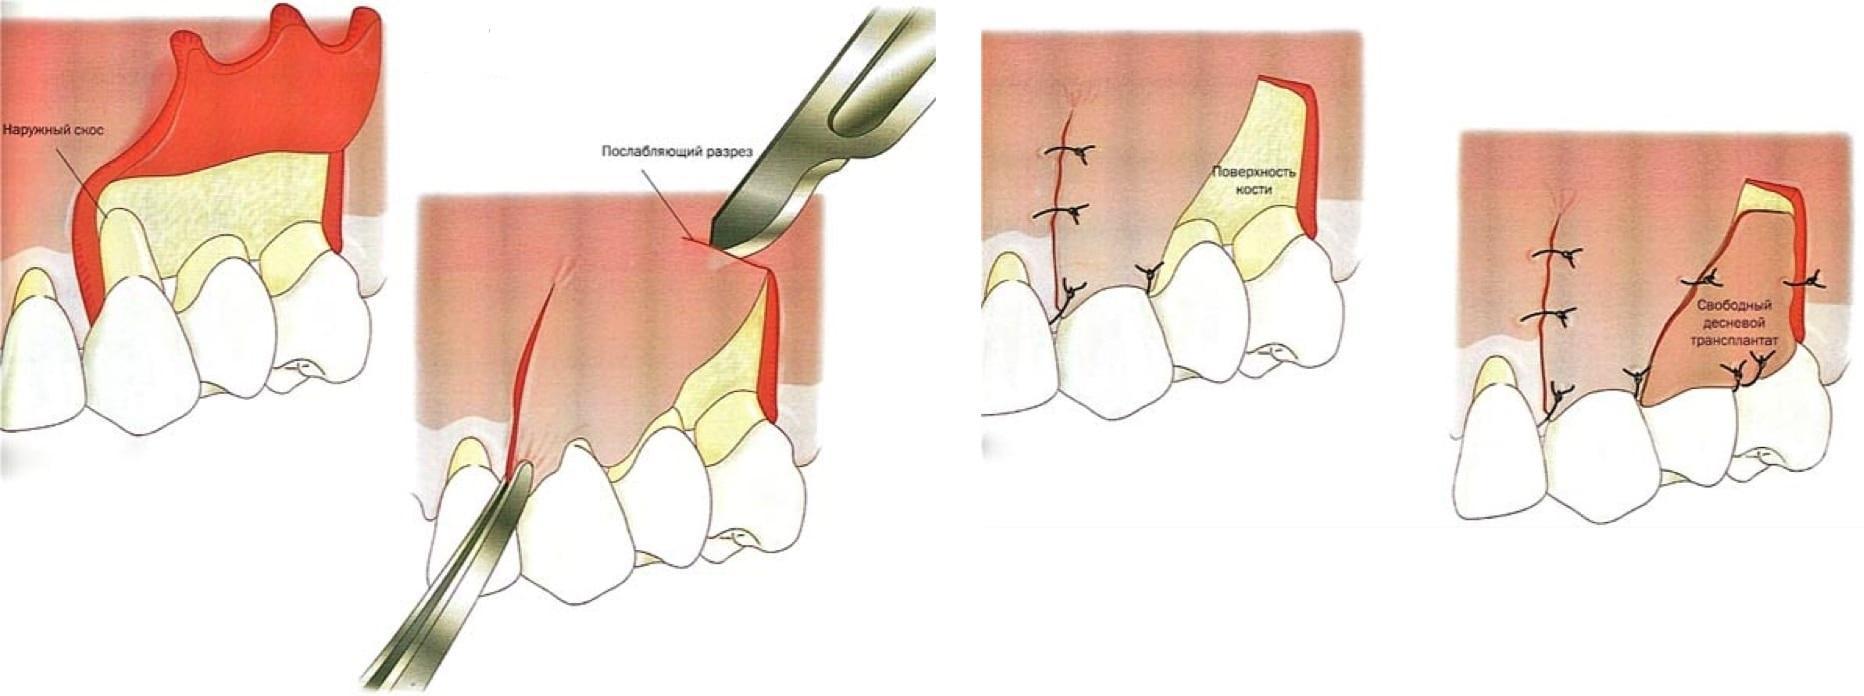 Что такое кюретаж пародонтального кармана в стоматологии